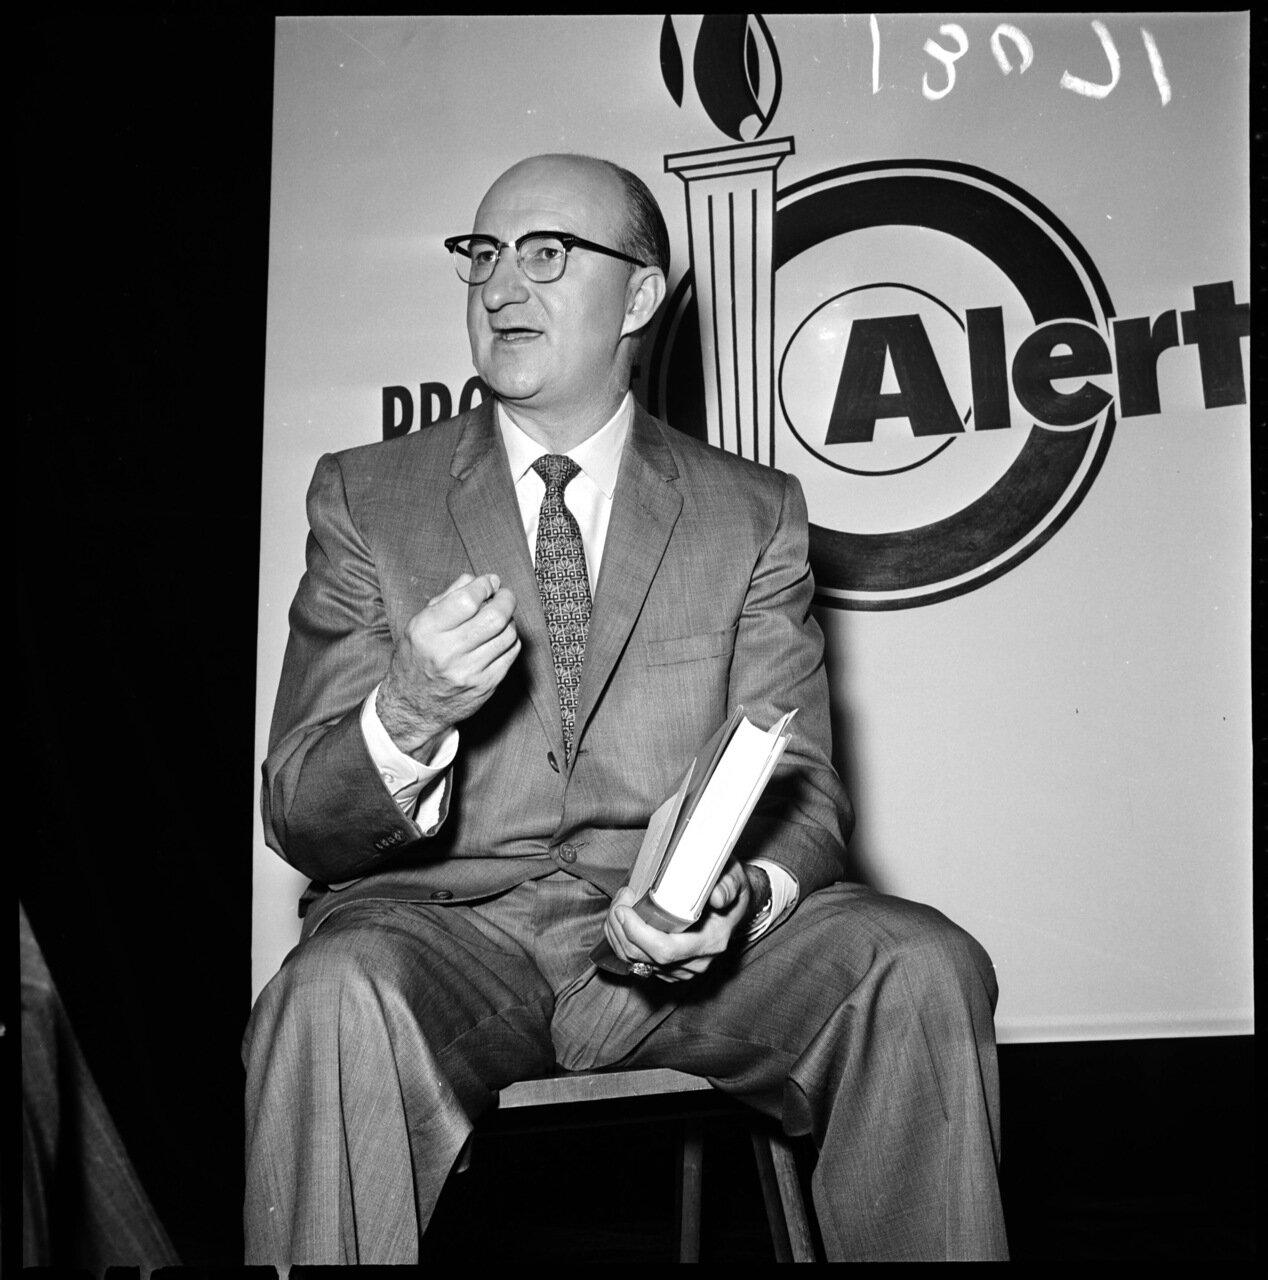 1961.14 декабря. Проект Тревога (антикоммунистическая конференция). Доктор С.Л. де Лов, президент Зала Независимости, Чикаго